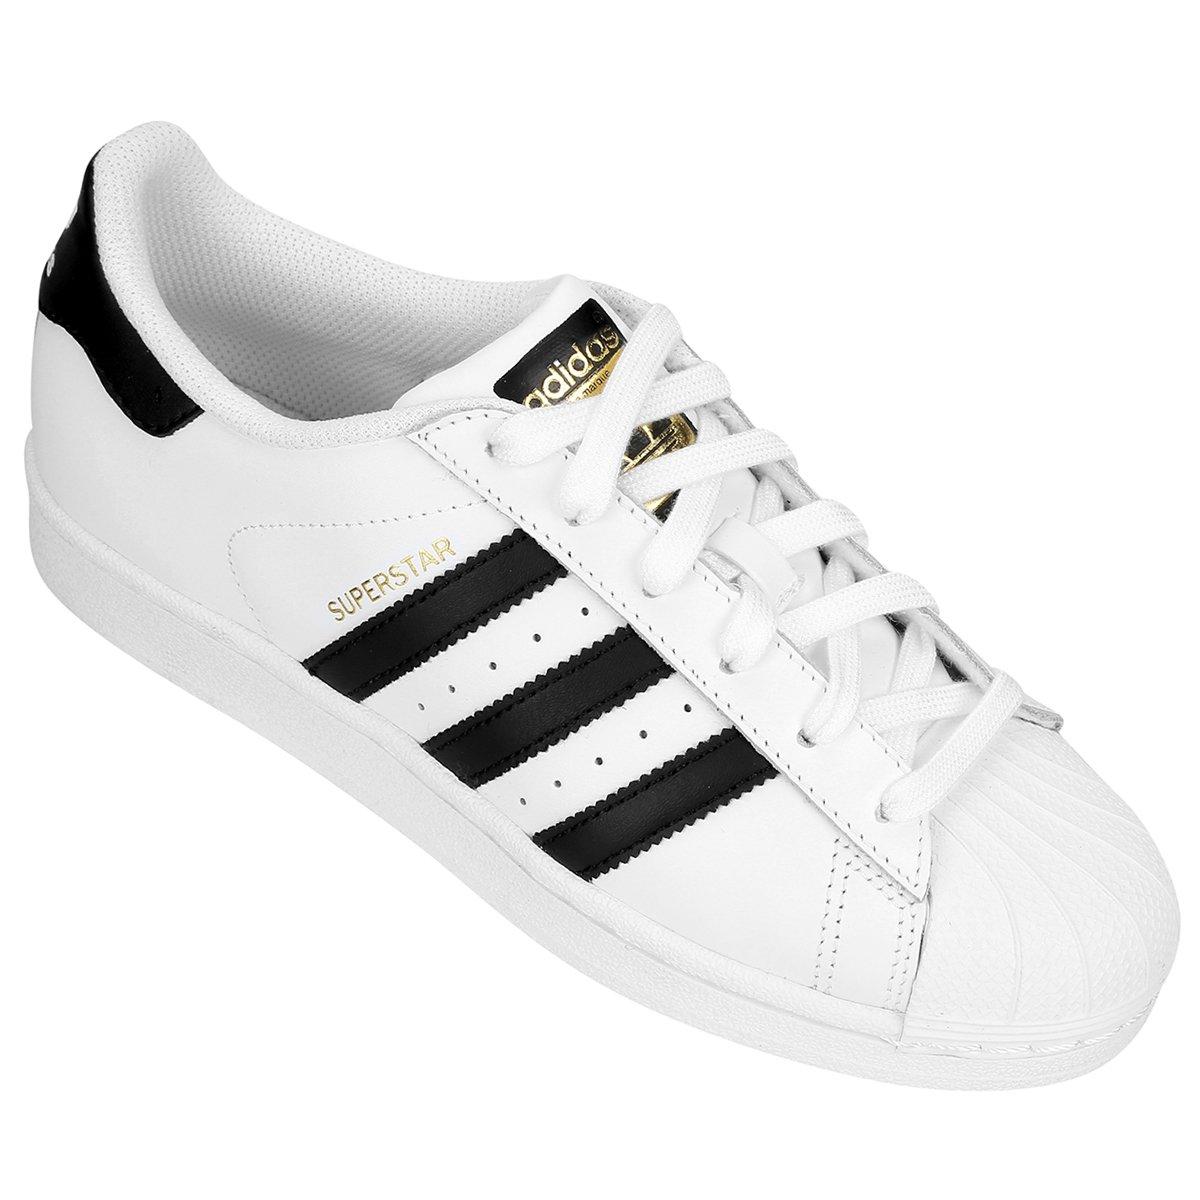 5380799ecb5 Tênis Adidas Superstar Infantil - Compre Agora